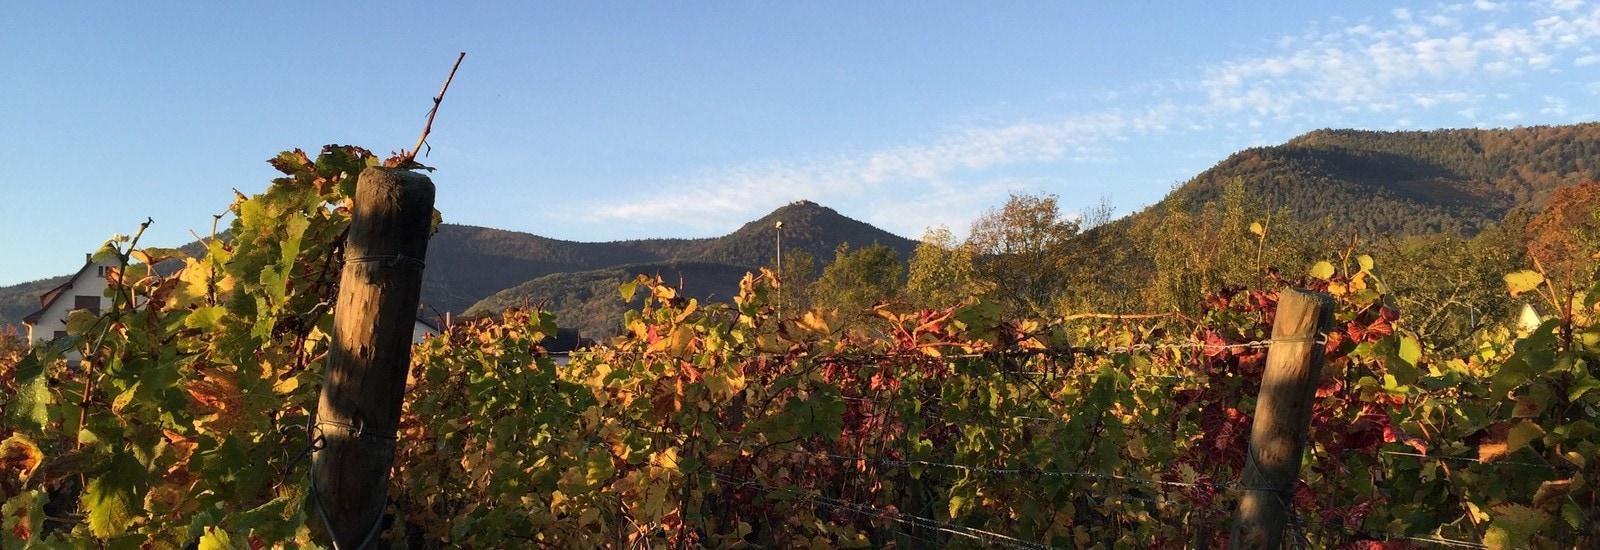 Strasbourgeois et traileur – 2 : le Mont Sainte-Odile